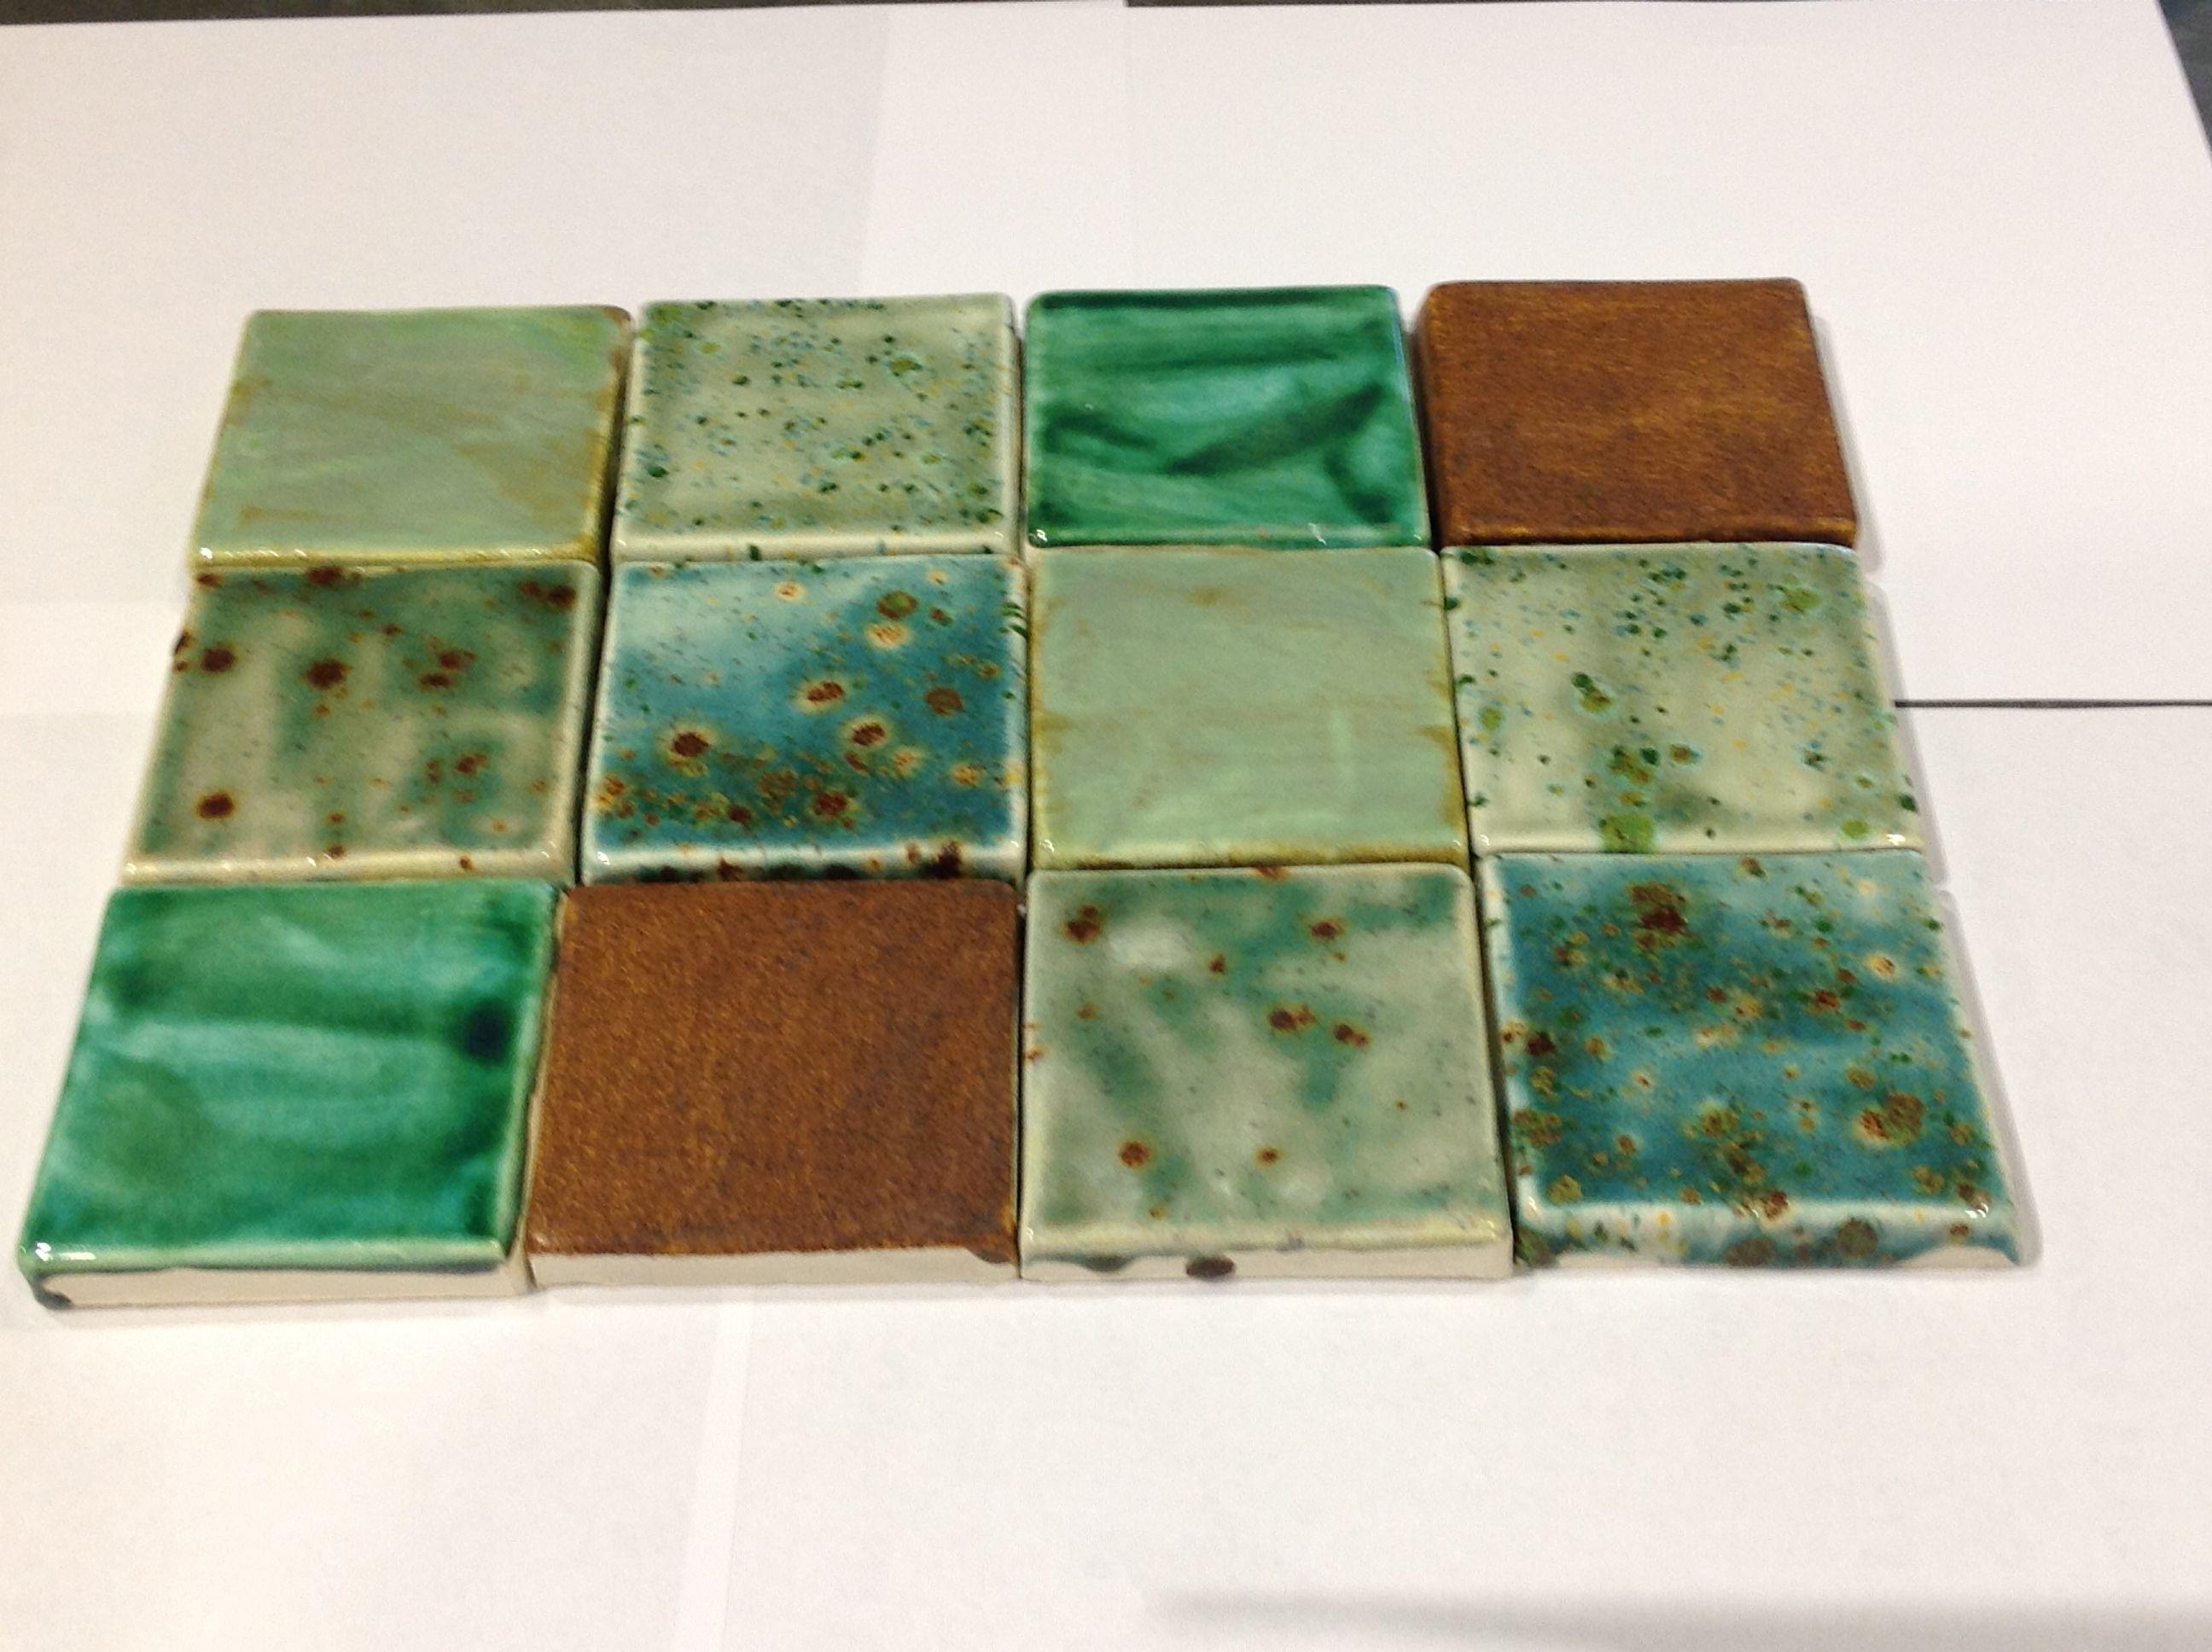 During backsplash tile samples the backsplash will be made up of during backsplash tile samples the backsplash will be made up of 40 dailygadgetfo Images